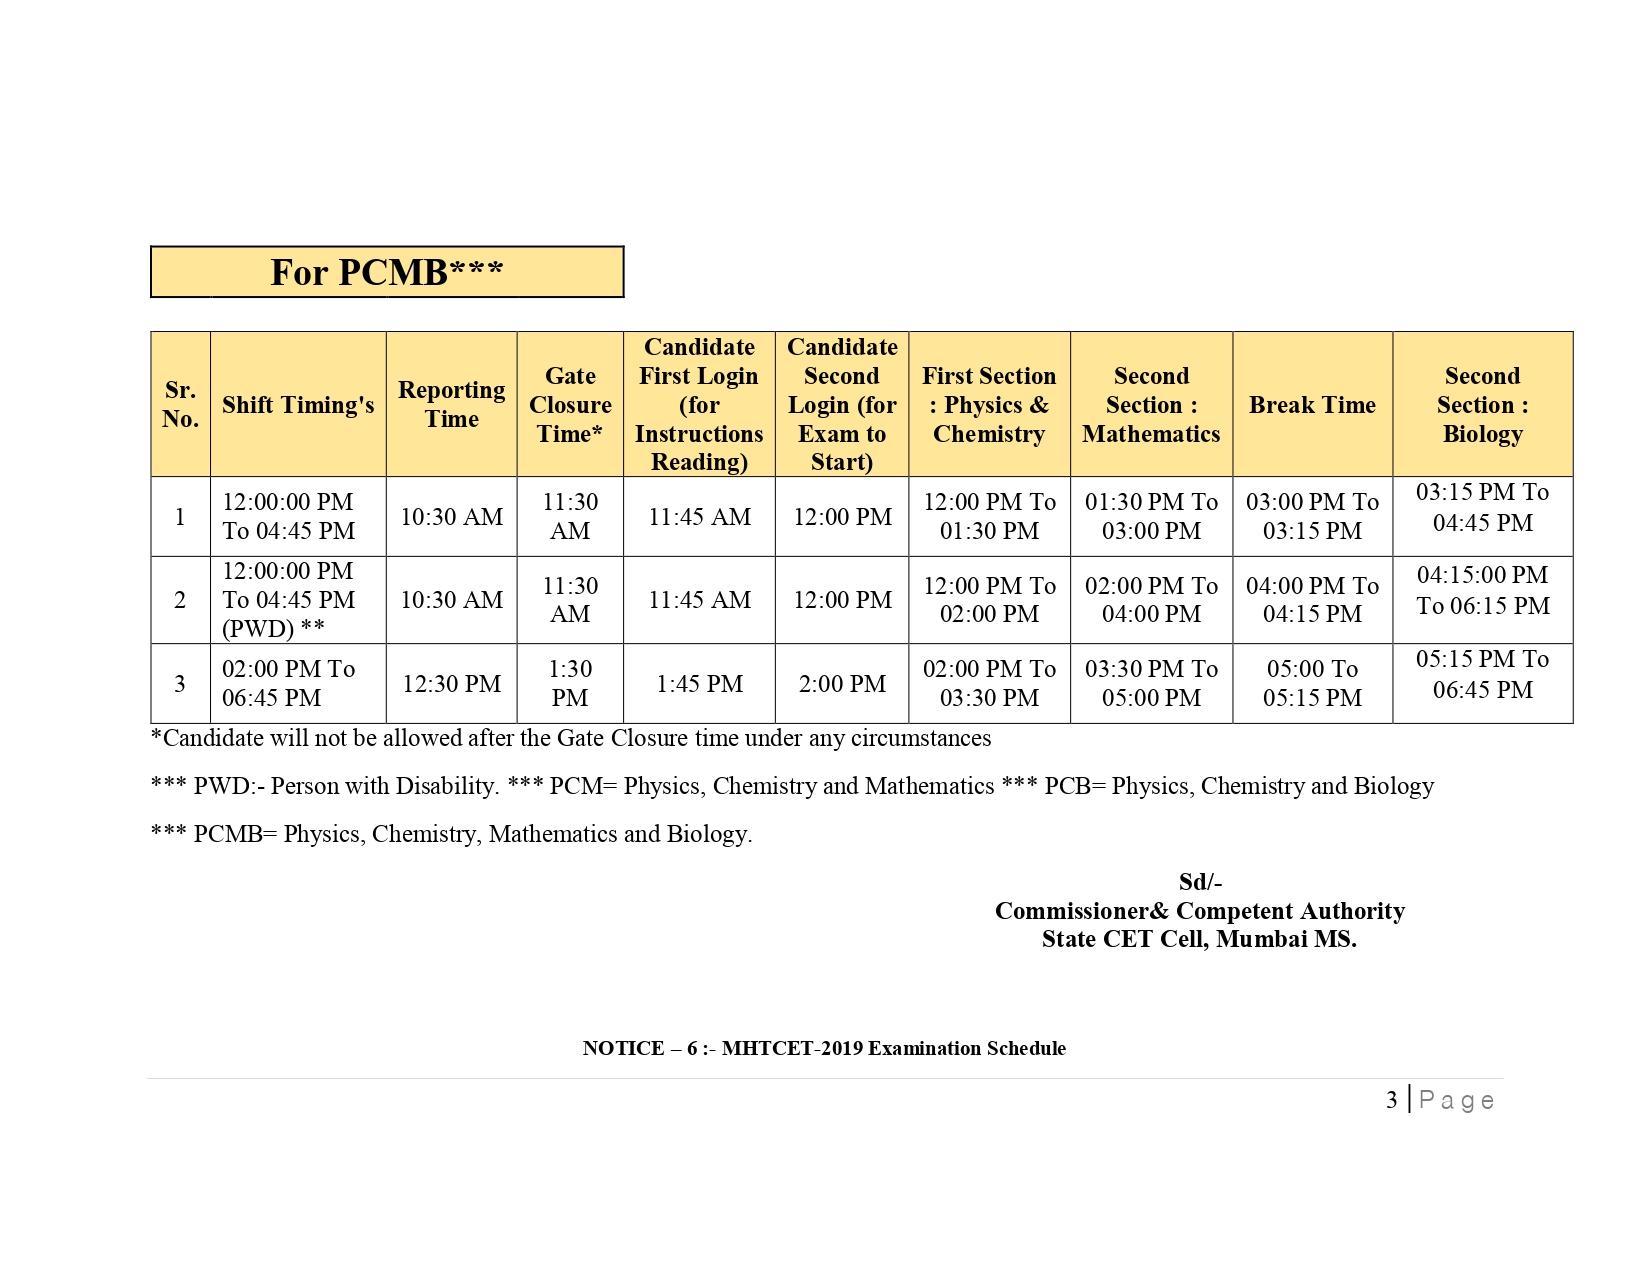 MHT-CET-2019-Examination-Schedule-page-0003.jpg